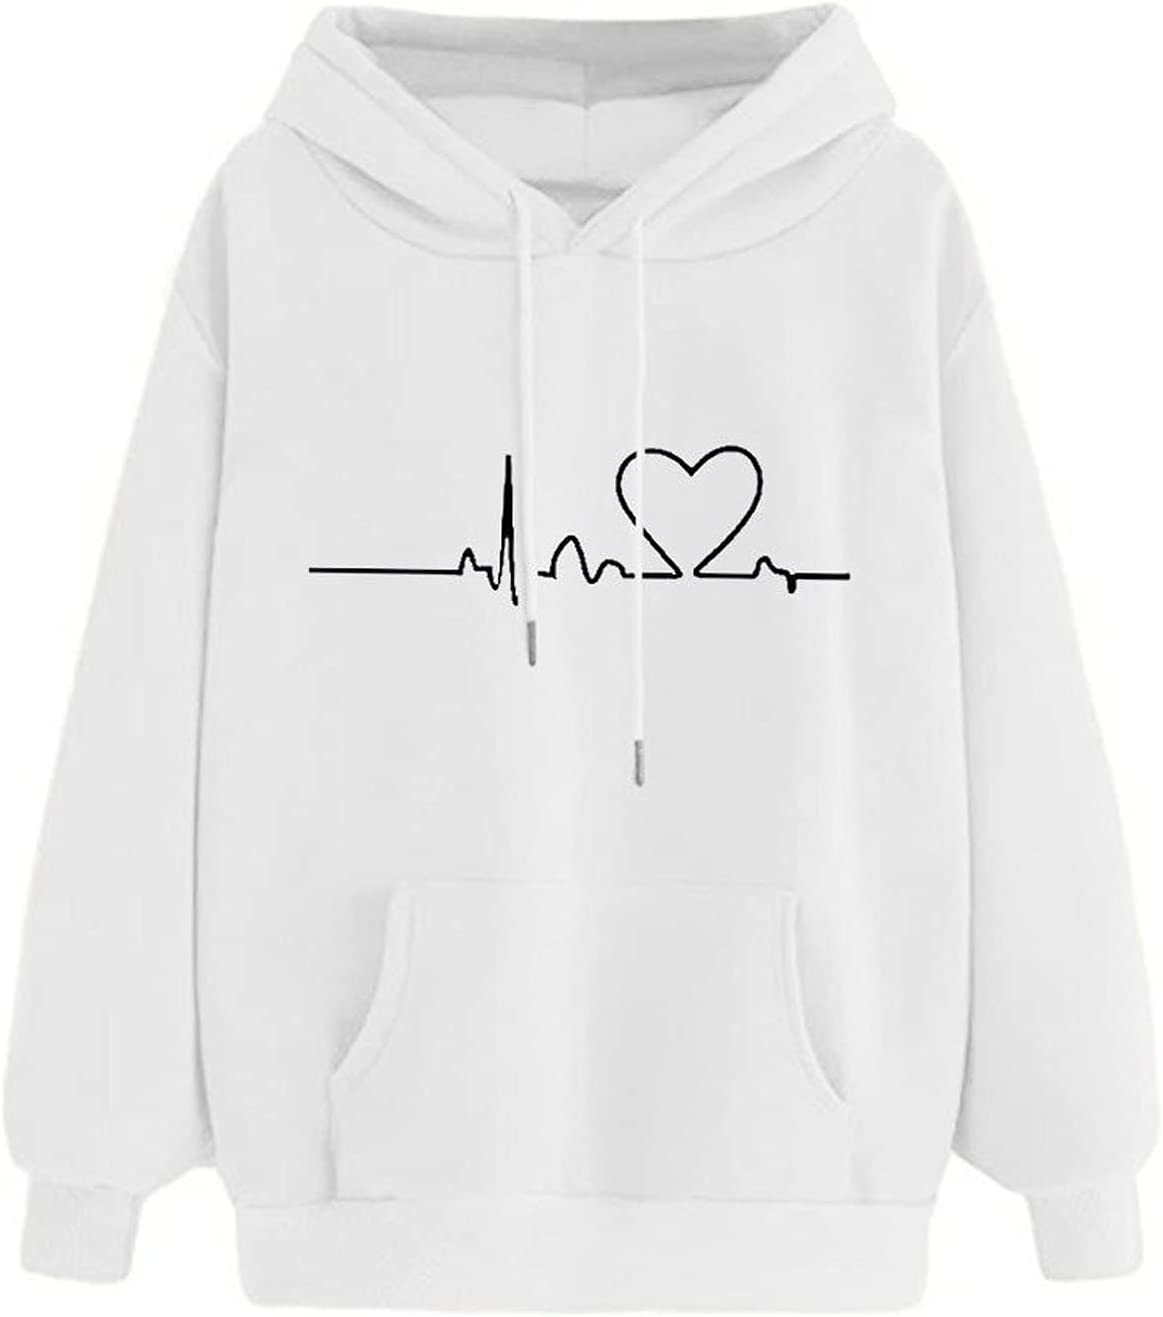 Eoailr Import Hoodies for Women Teen Pul Hoodie Elegant Sweatshirt Casual Girls